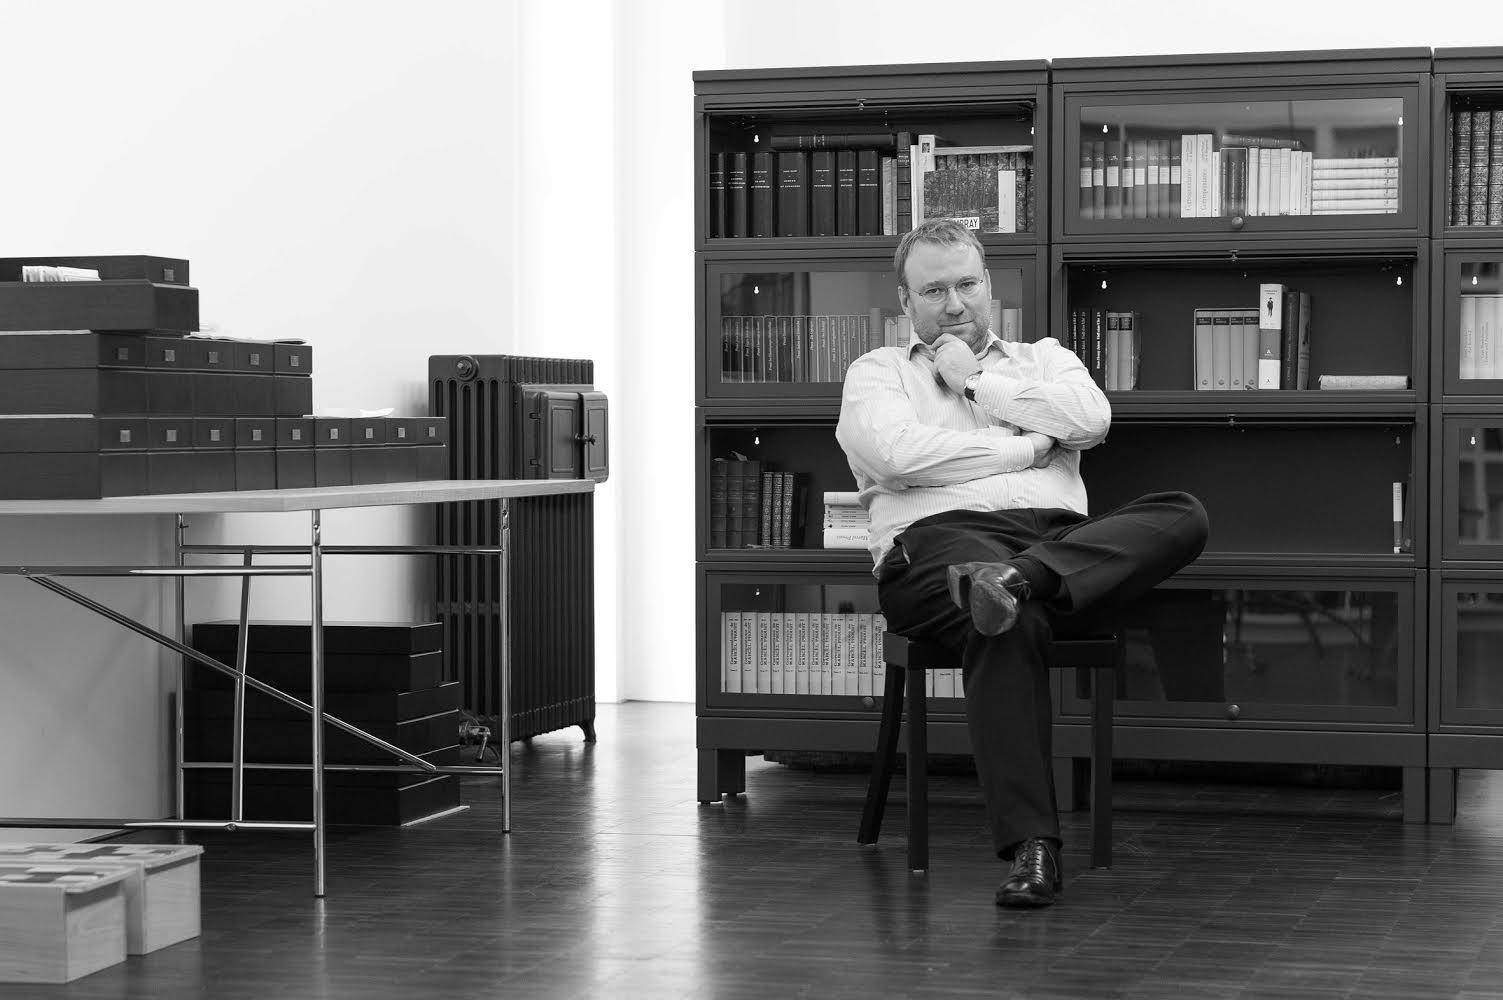 Eventbild für Münster Lectures // Prof. Elger Esser, Künstler, Staatliche Hochschule für Gestaltung Karlsruhe